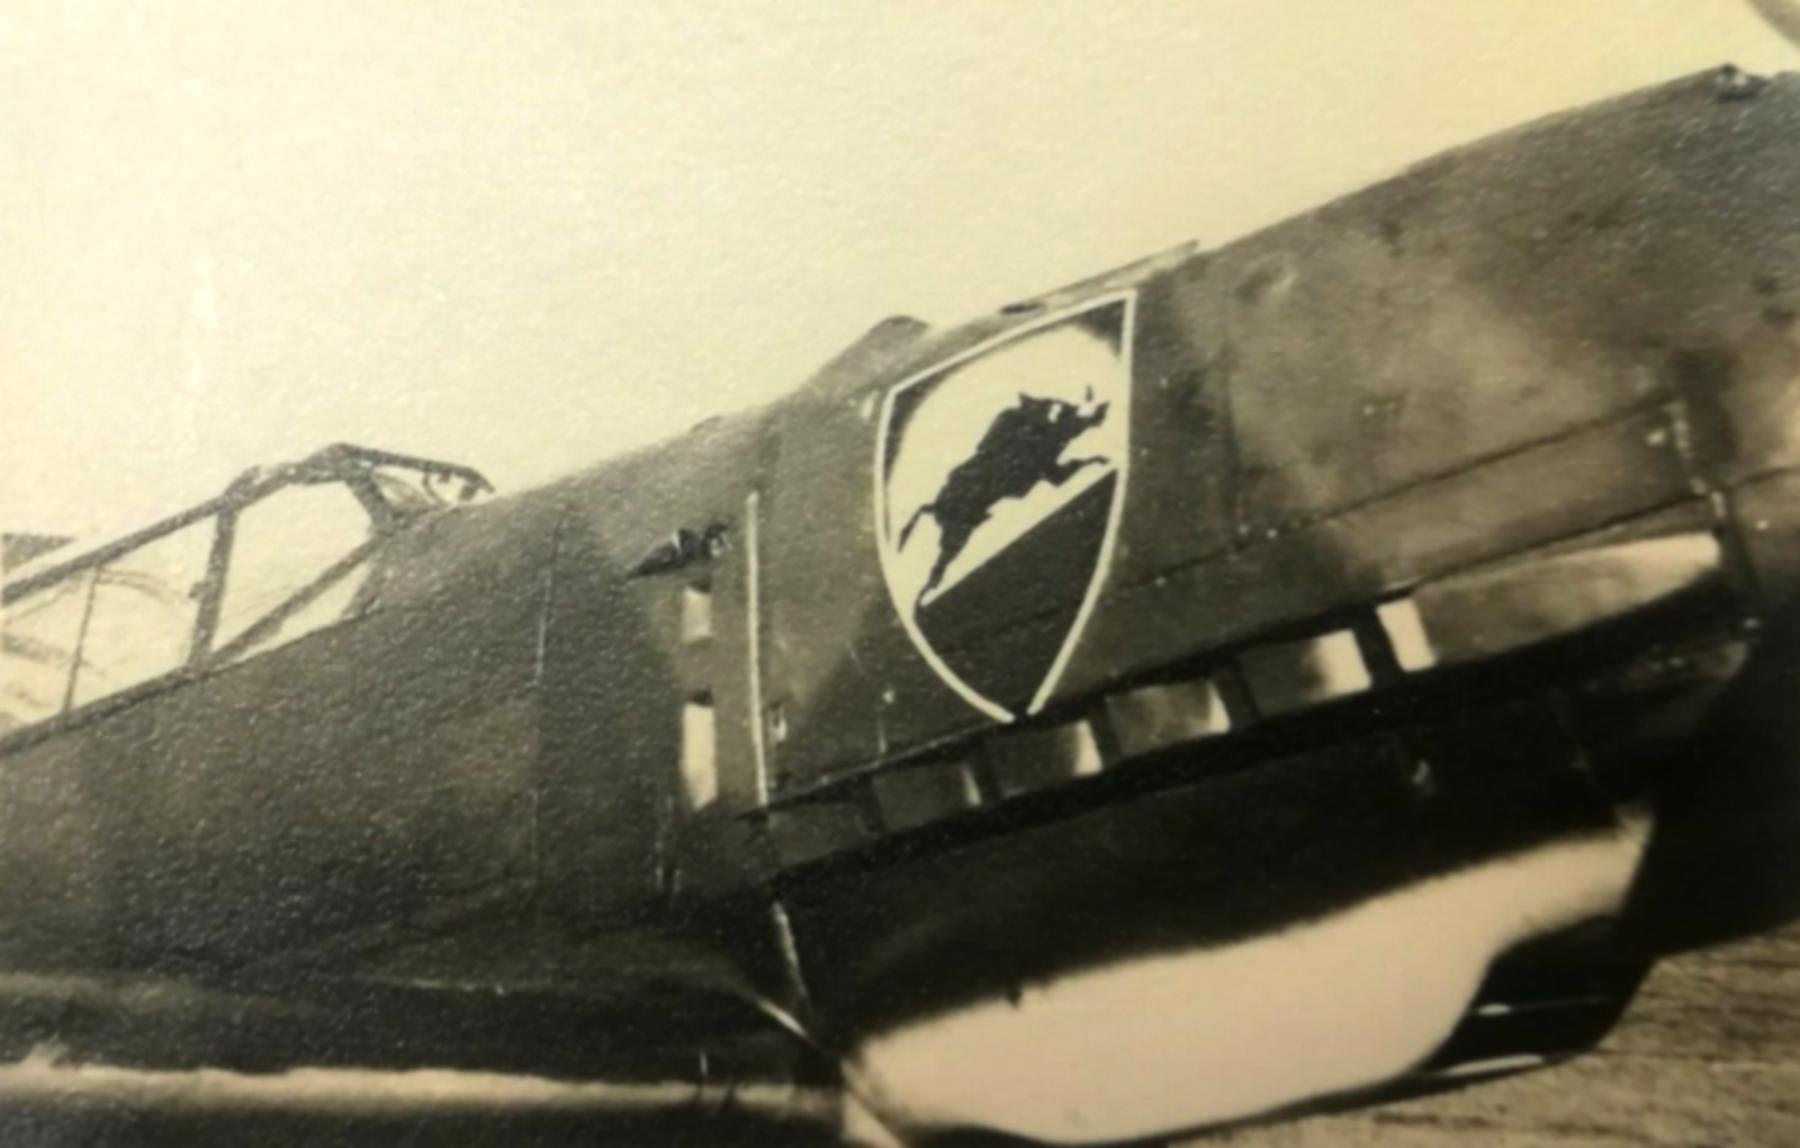 Messerschmitt Bf 109E1 1.JG52 showing emblem on right side ebay 01